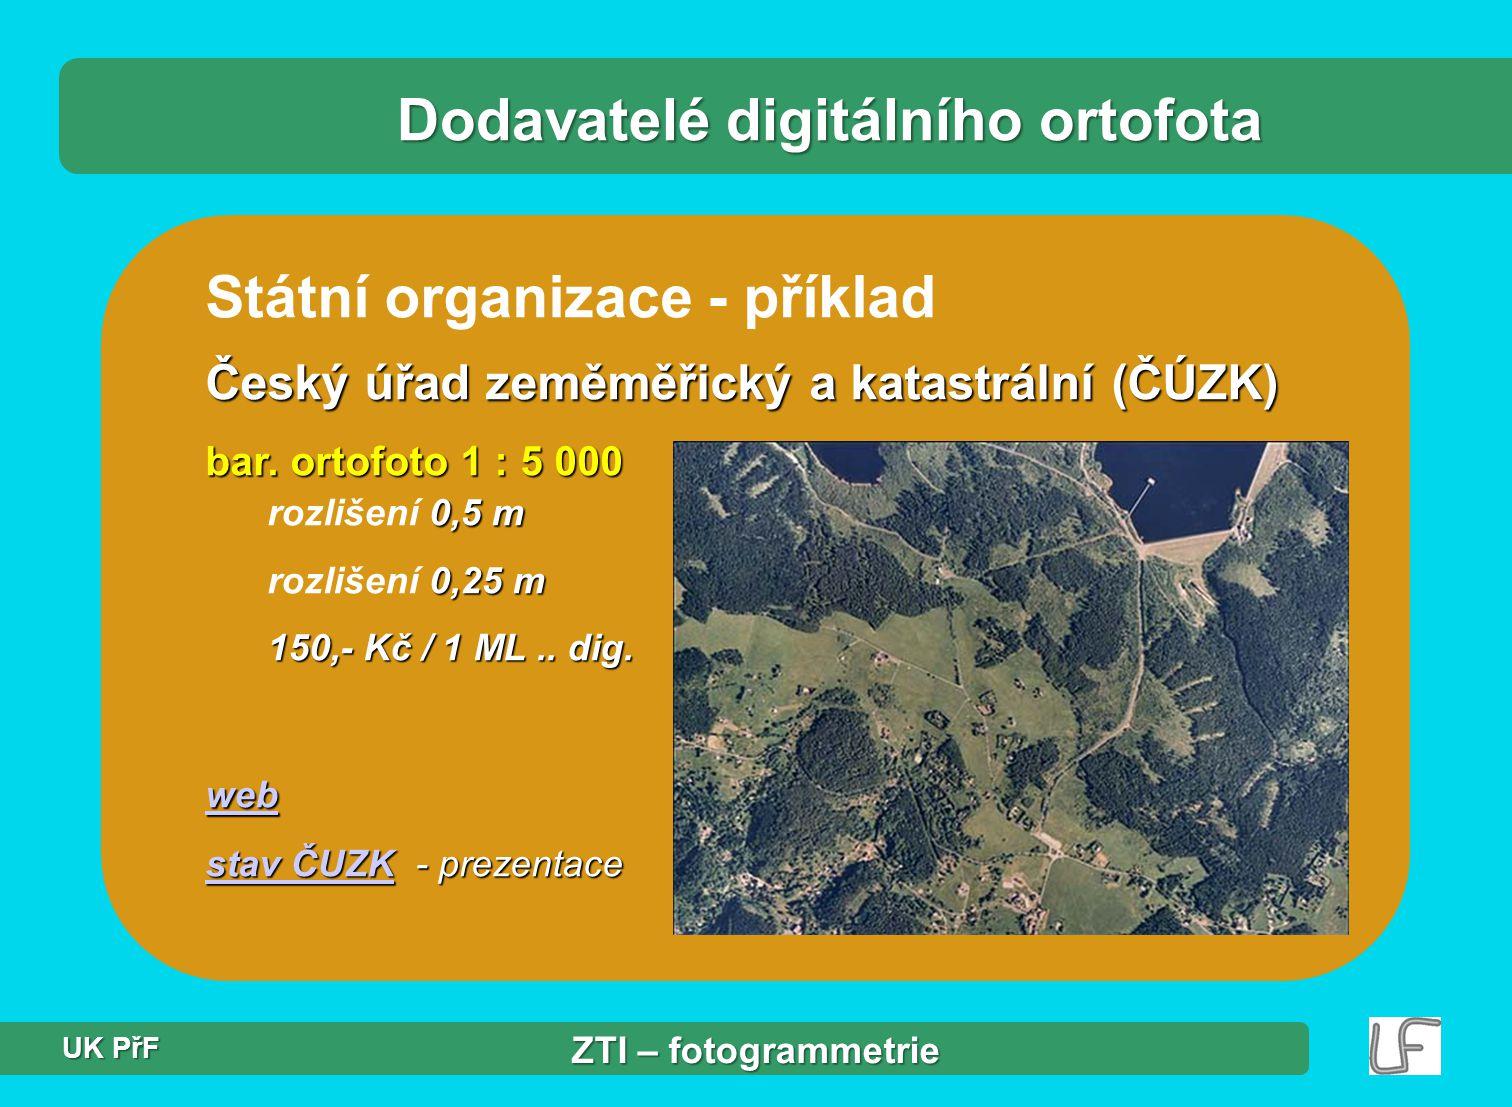 Dodavatelé digitálního ortofota